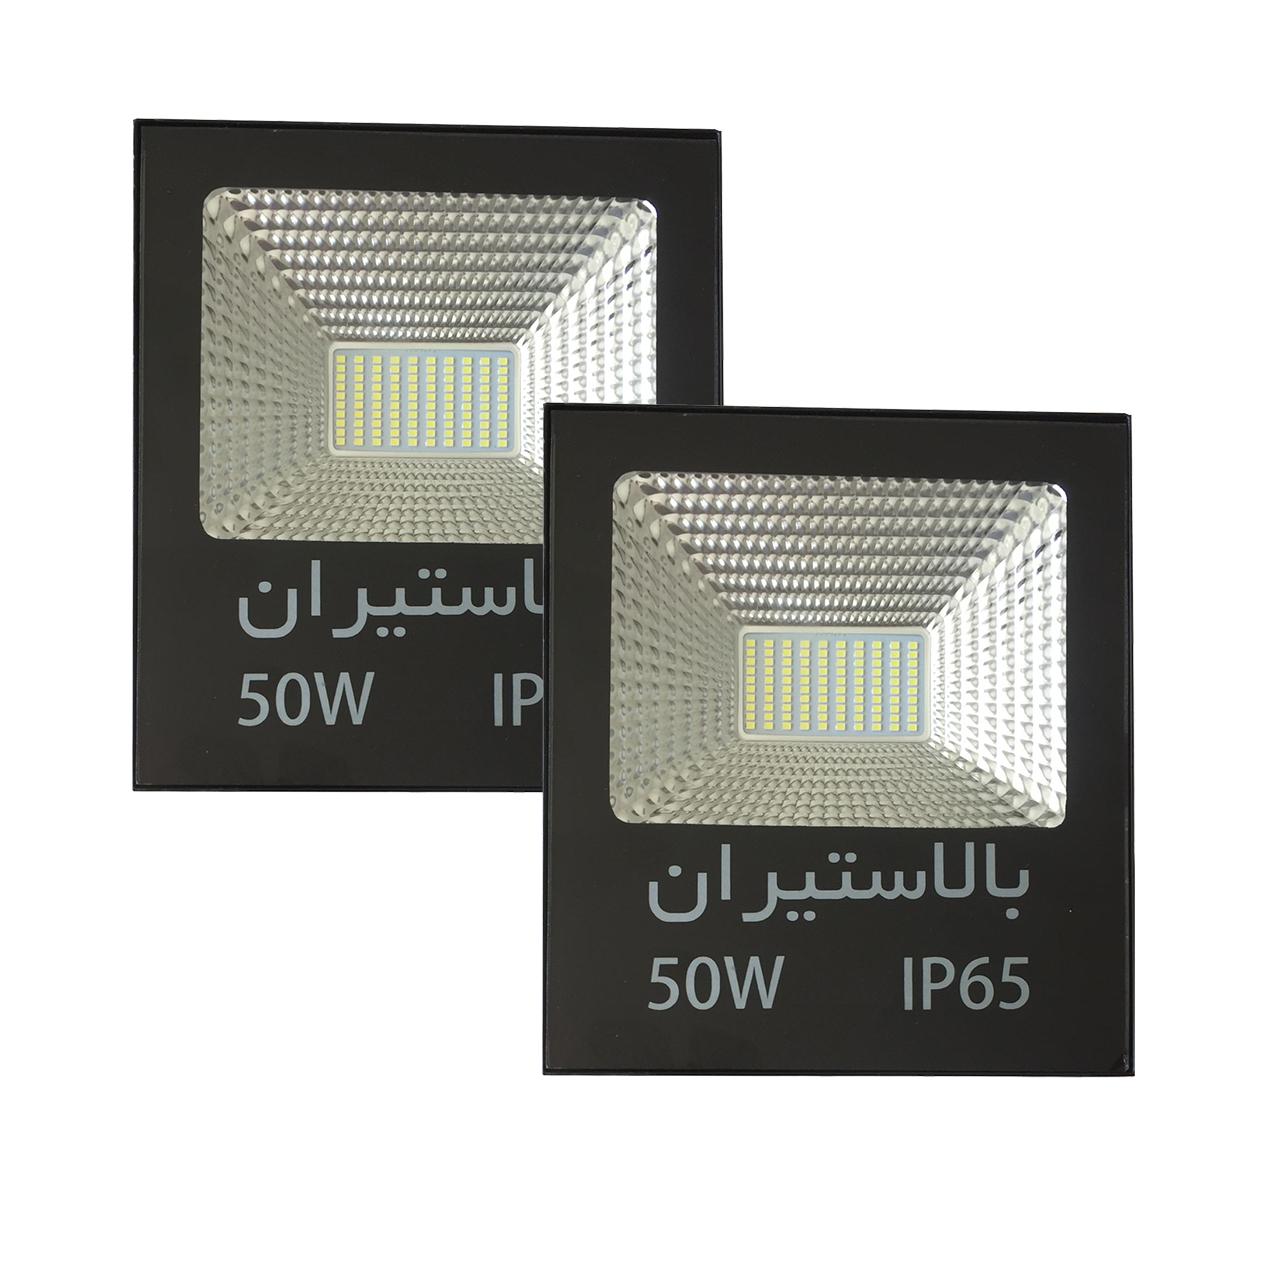 پرژکتور ال ای دی 50 وات بالاستیران مدل P5001 بسته 2 عددی